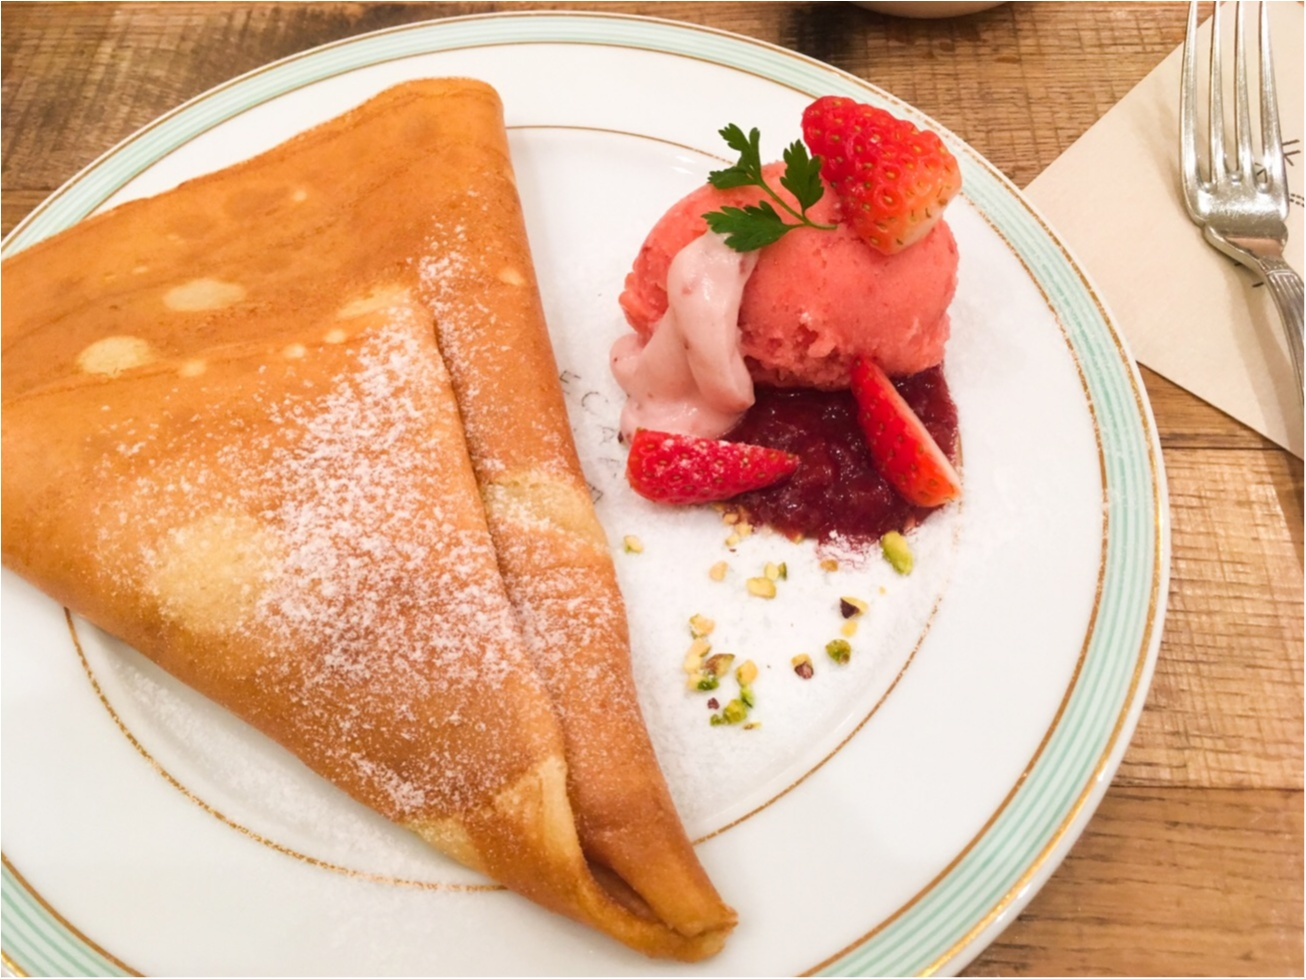 《イチゴ好き必見❁期間限定デザート》 大人気ジェラートピケのカフェが出す絶品!イチゴづくしの大人デザートとは?!_2